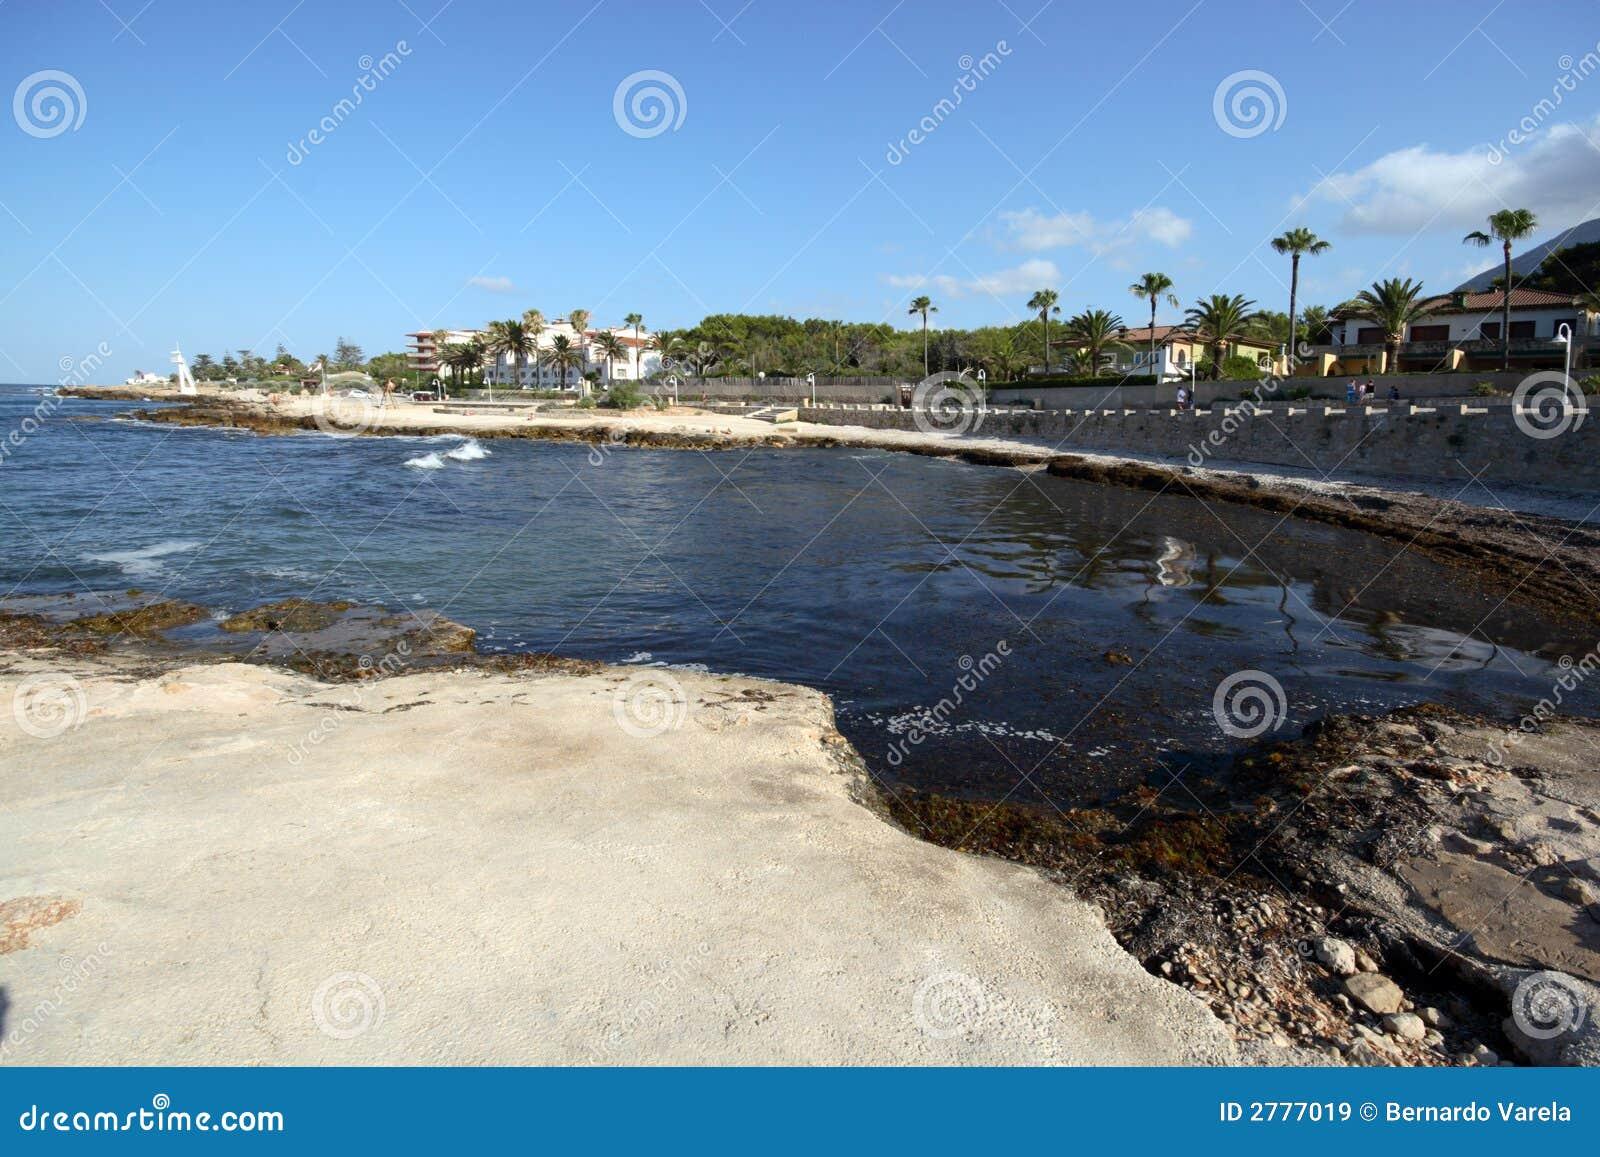 Beach in Denia